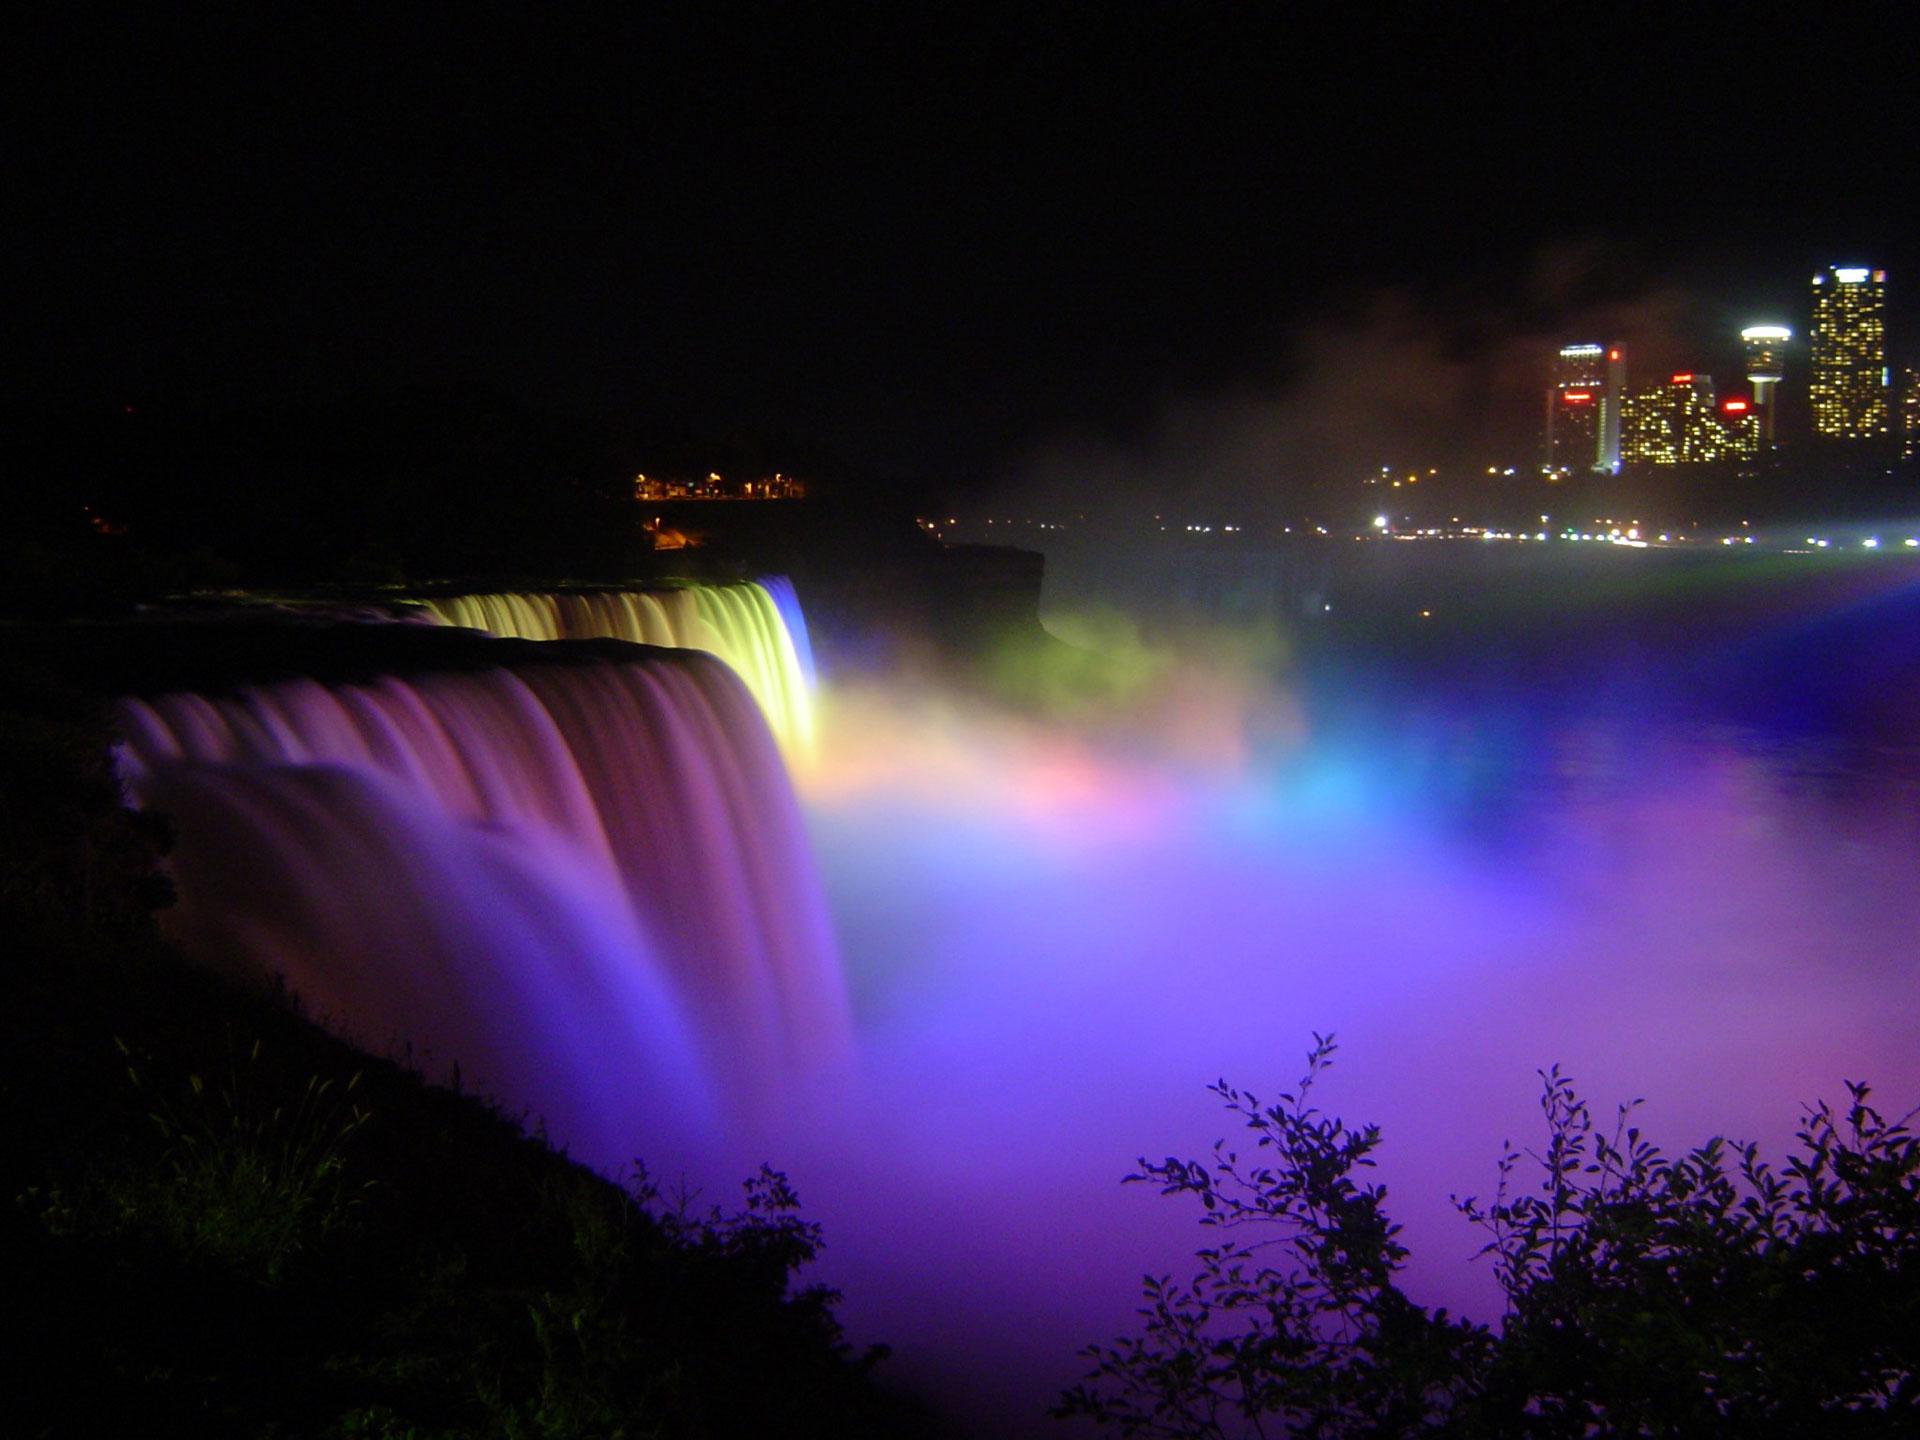 Niagara-Falls-under-floodlights-at-night